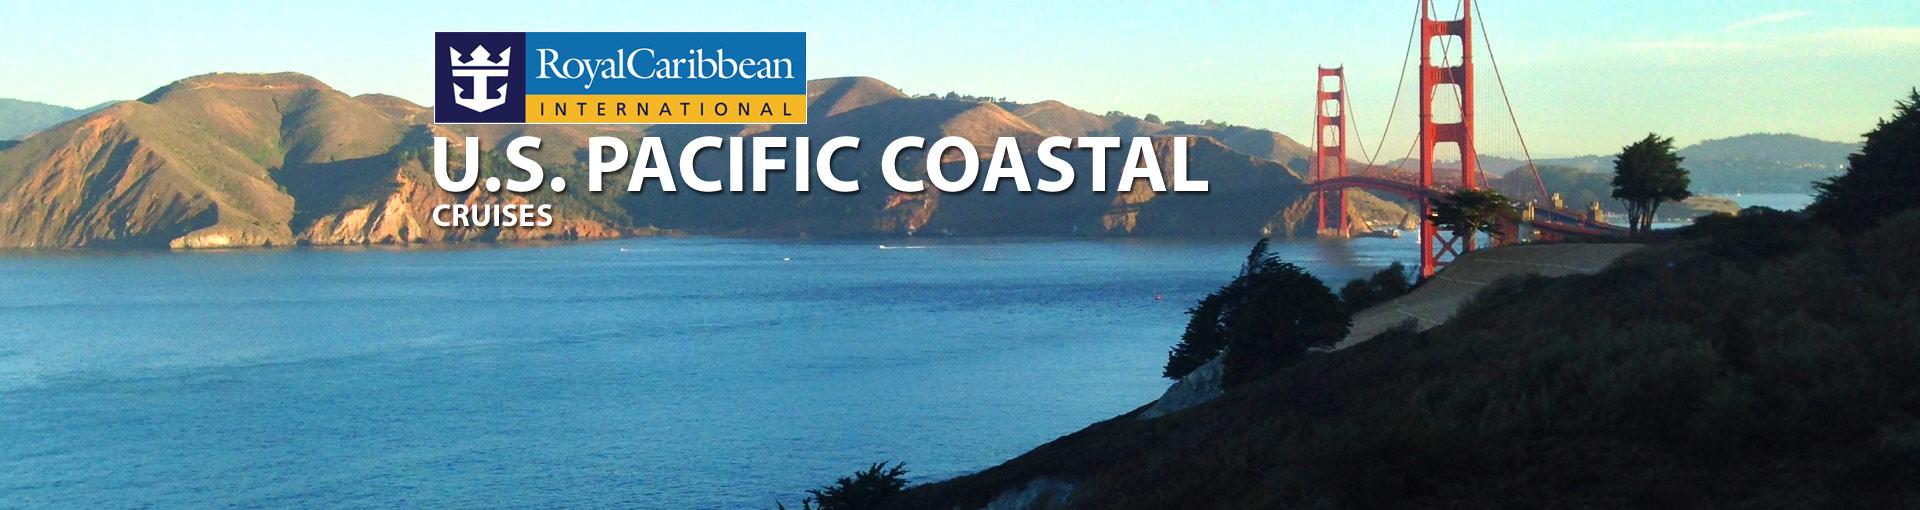 Royal caribbean us pacific coast cruises 2018 and 2019 us royal caribbean international us pacific coast sciox Choice Image